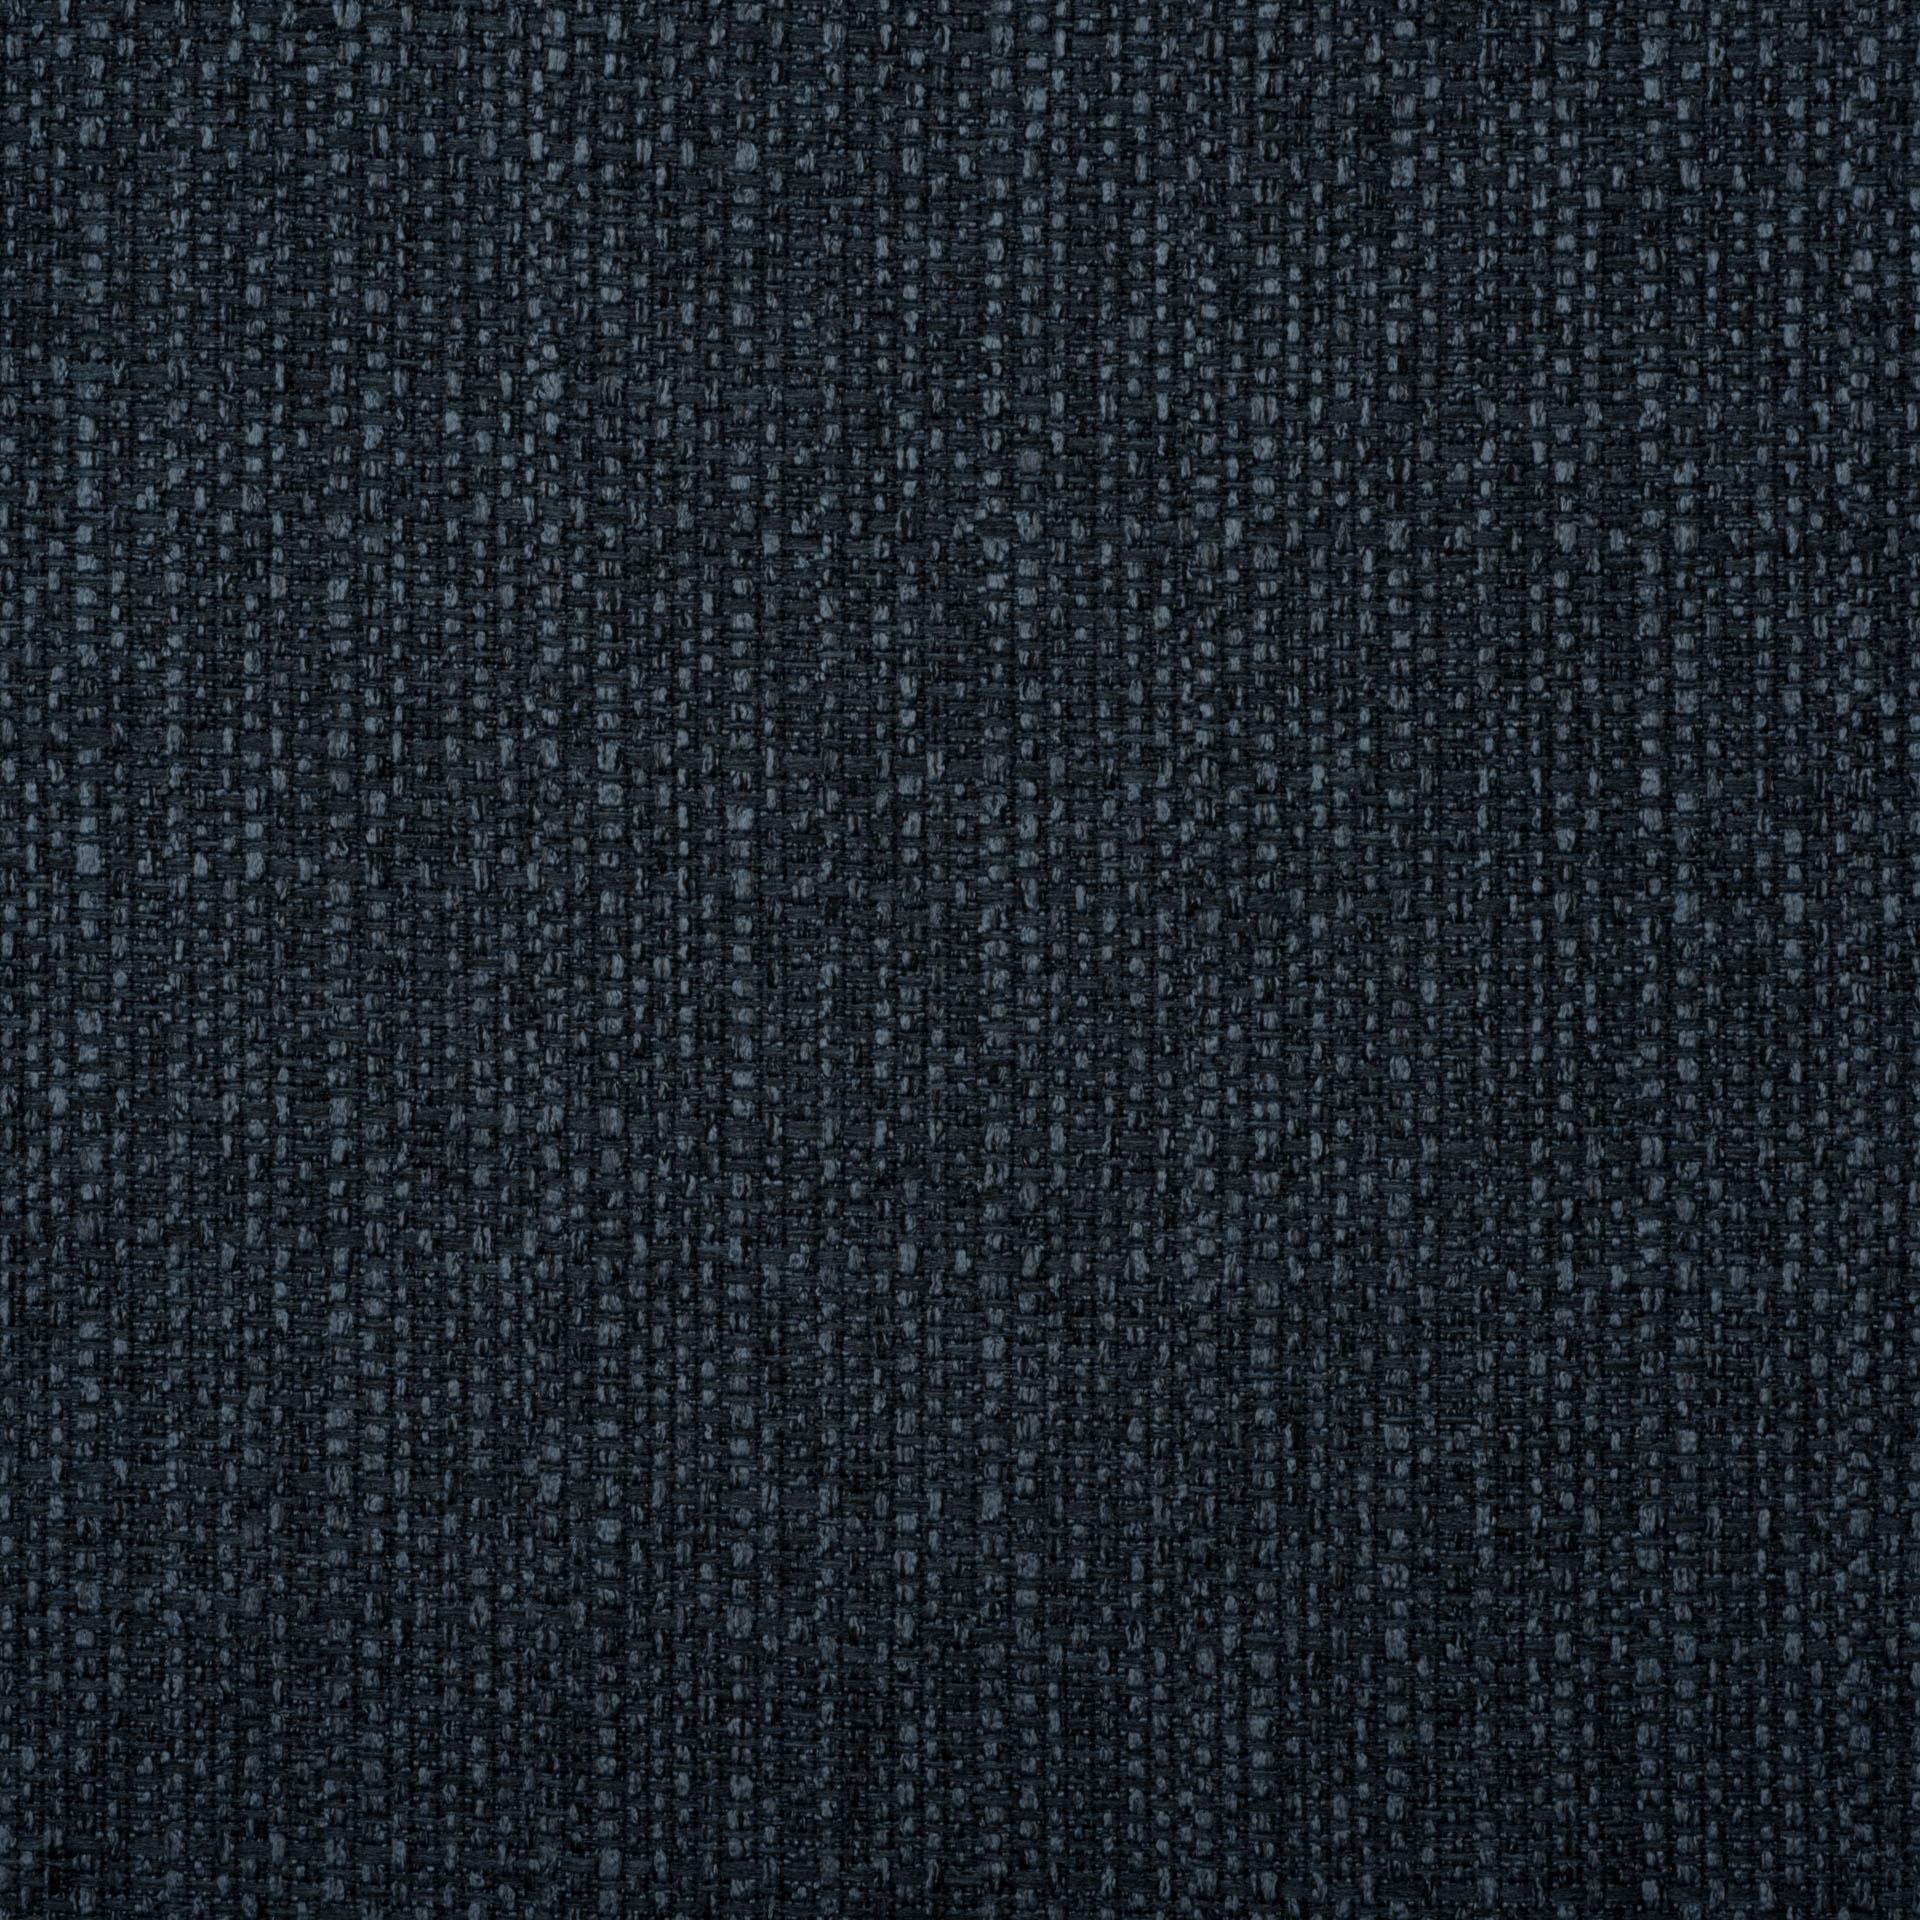 Коллекция ткани Портленд DENIM 81,  купить ткань Рогожка для мебели Украина